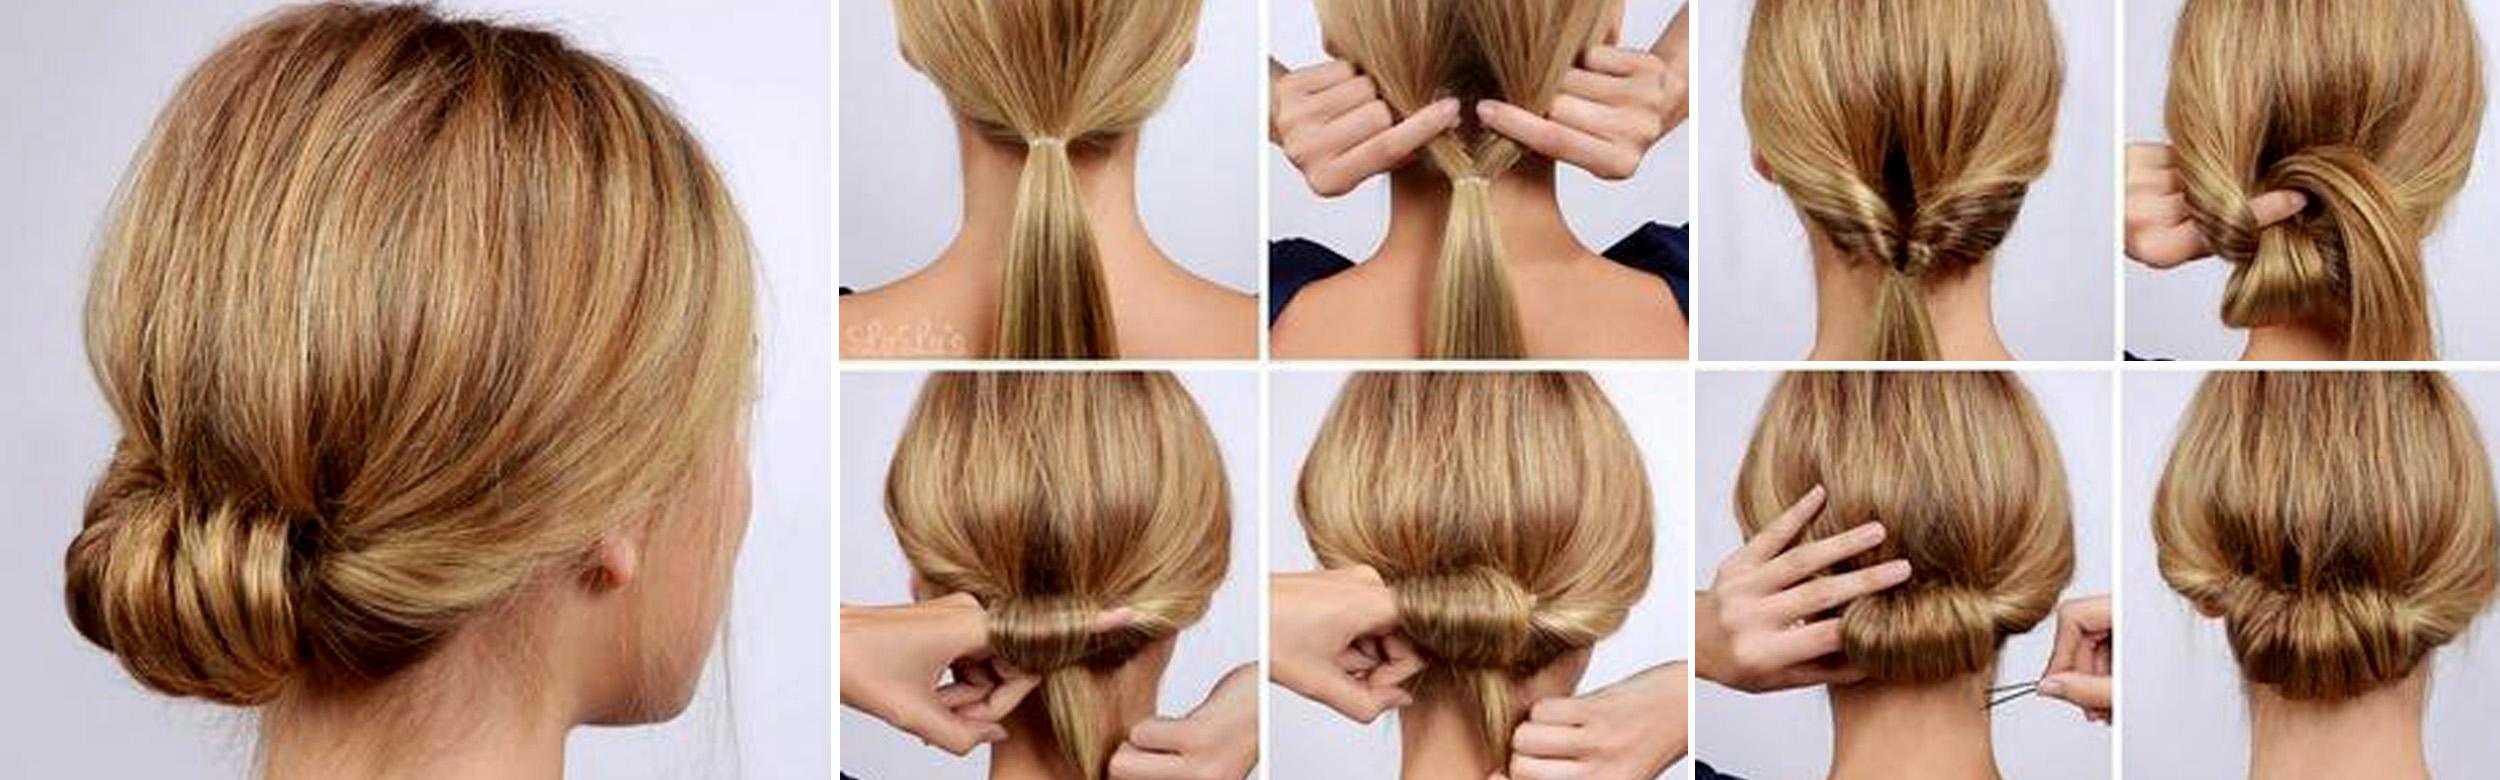 Peinado facil recogido paso a paso